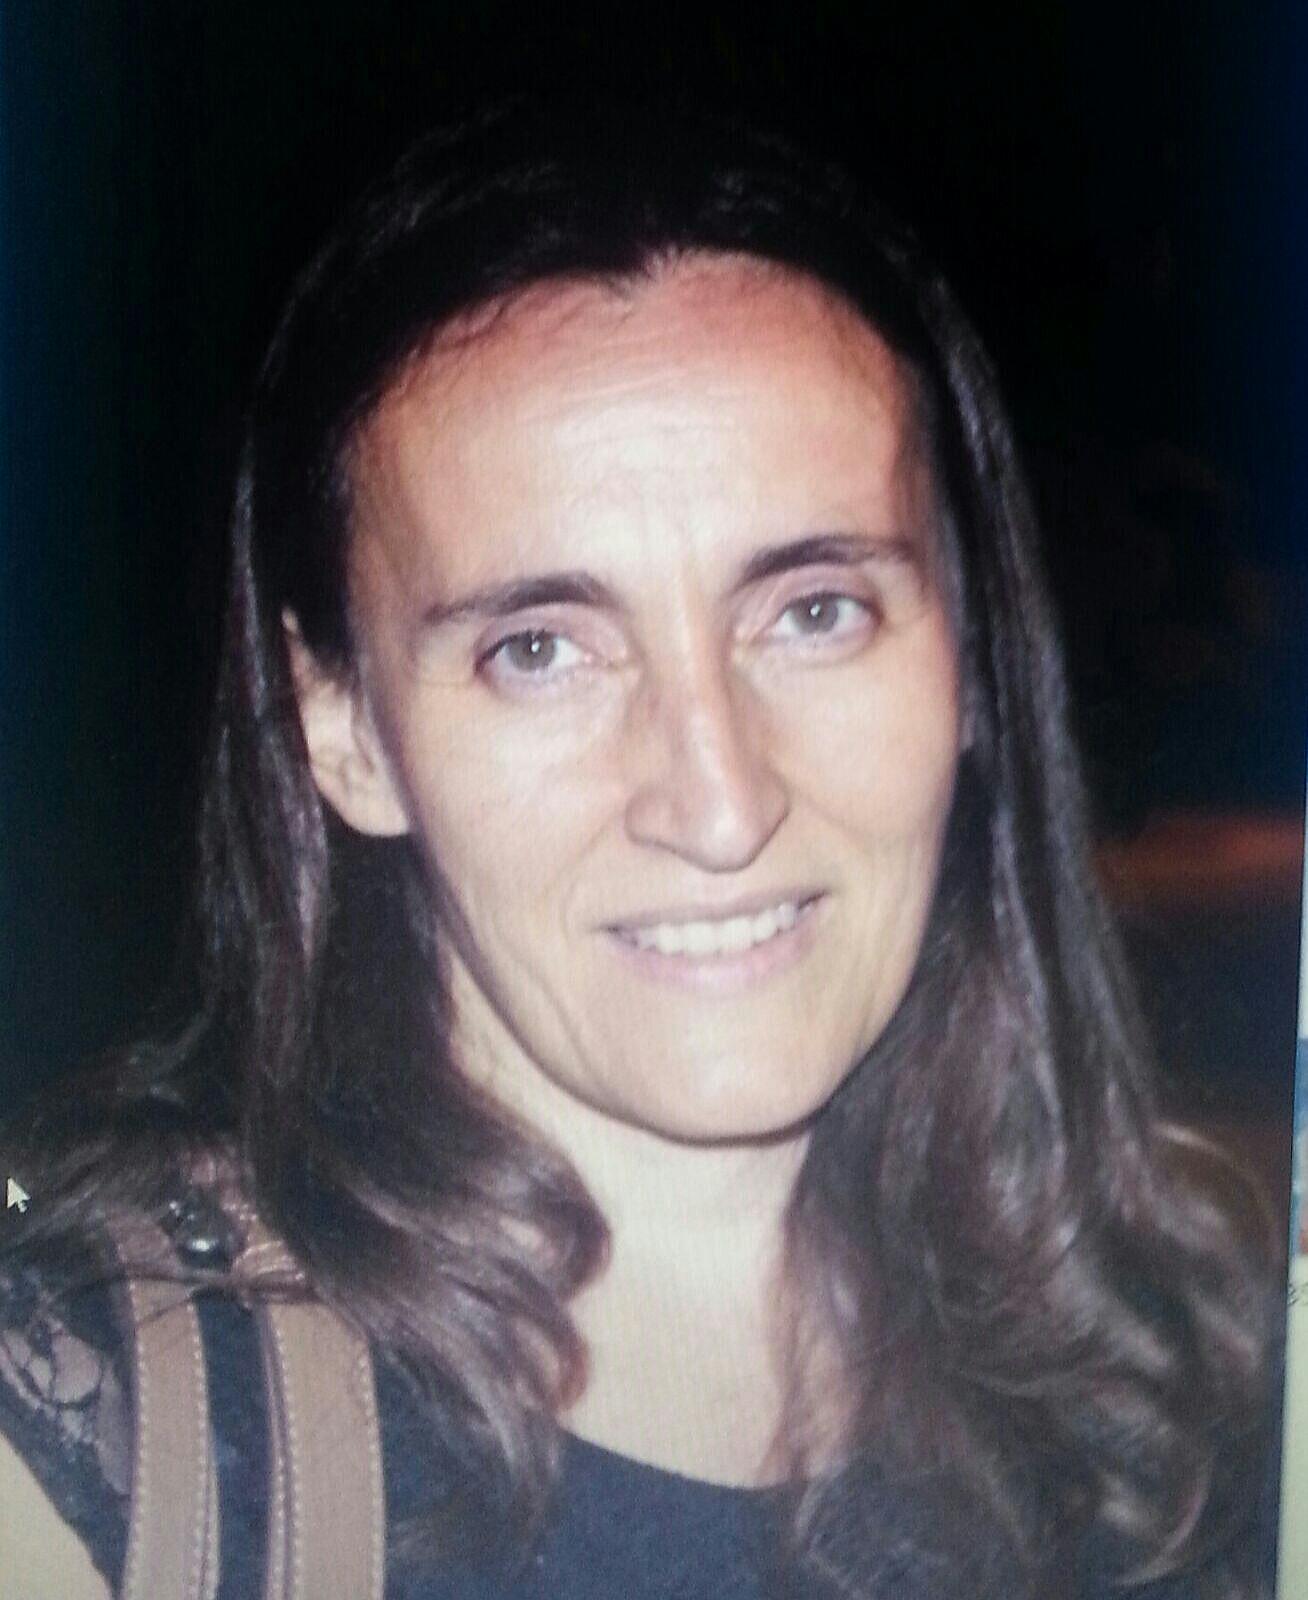 Annamaria Del Caro